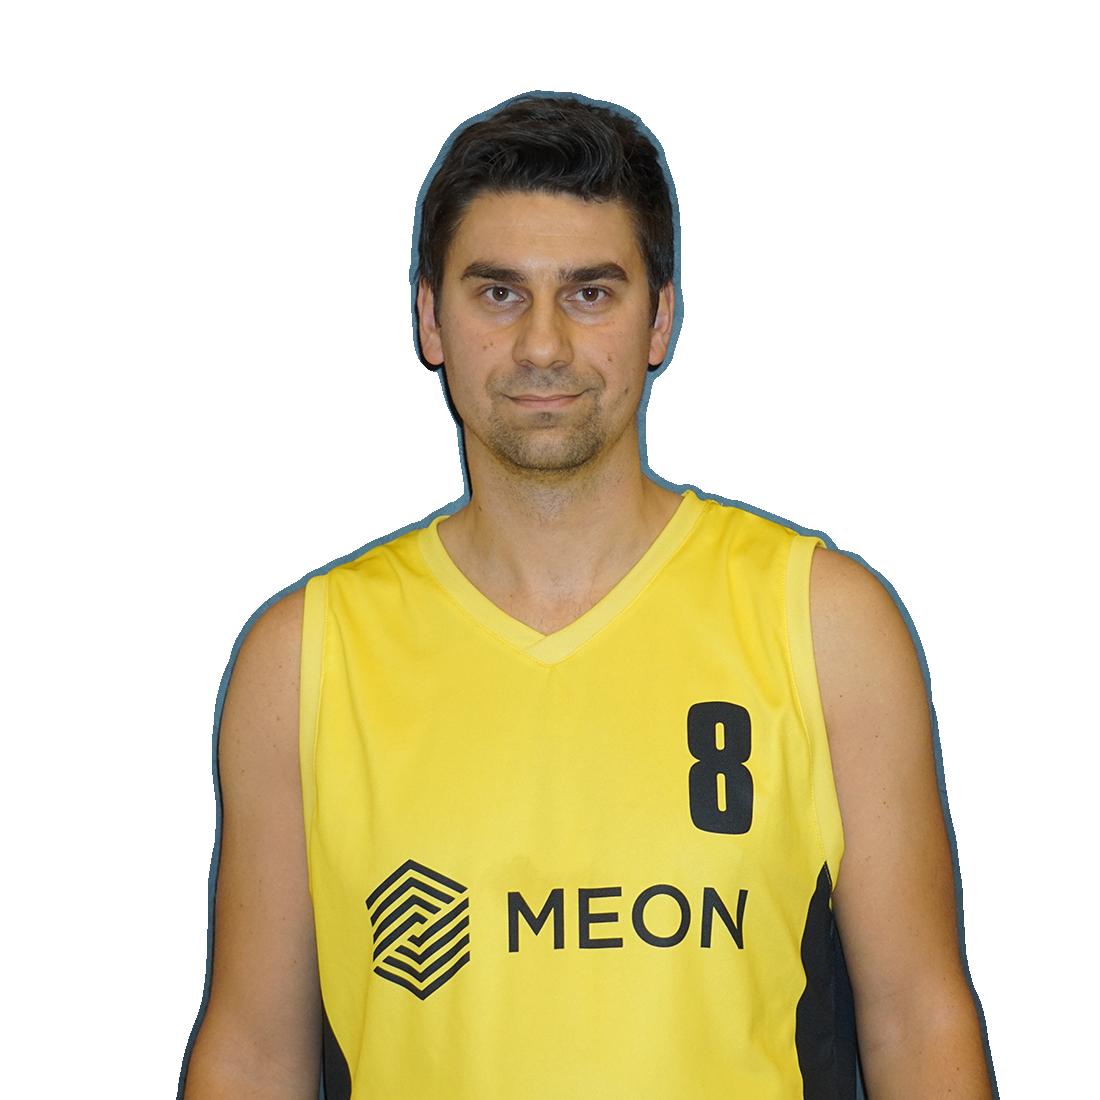 Tomasz Miłoch